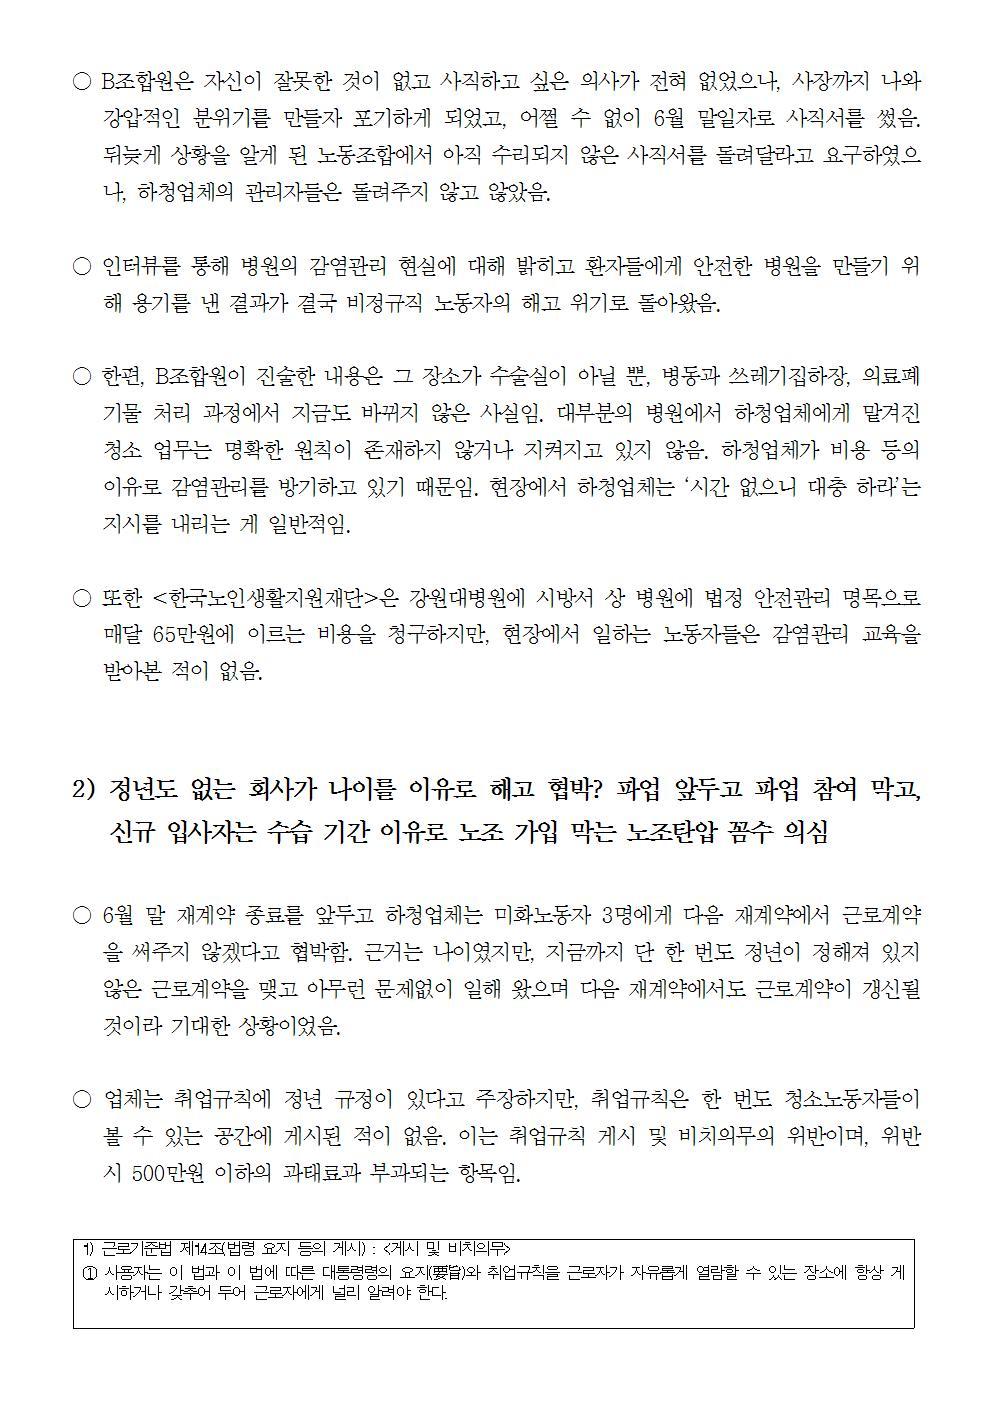 [보도자료]190701_강대병원비정규직4인해고노조투쟁시작003.jpg